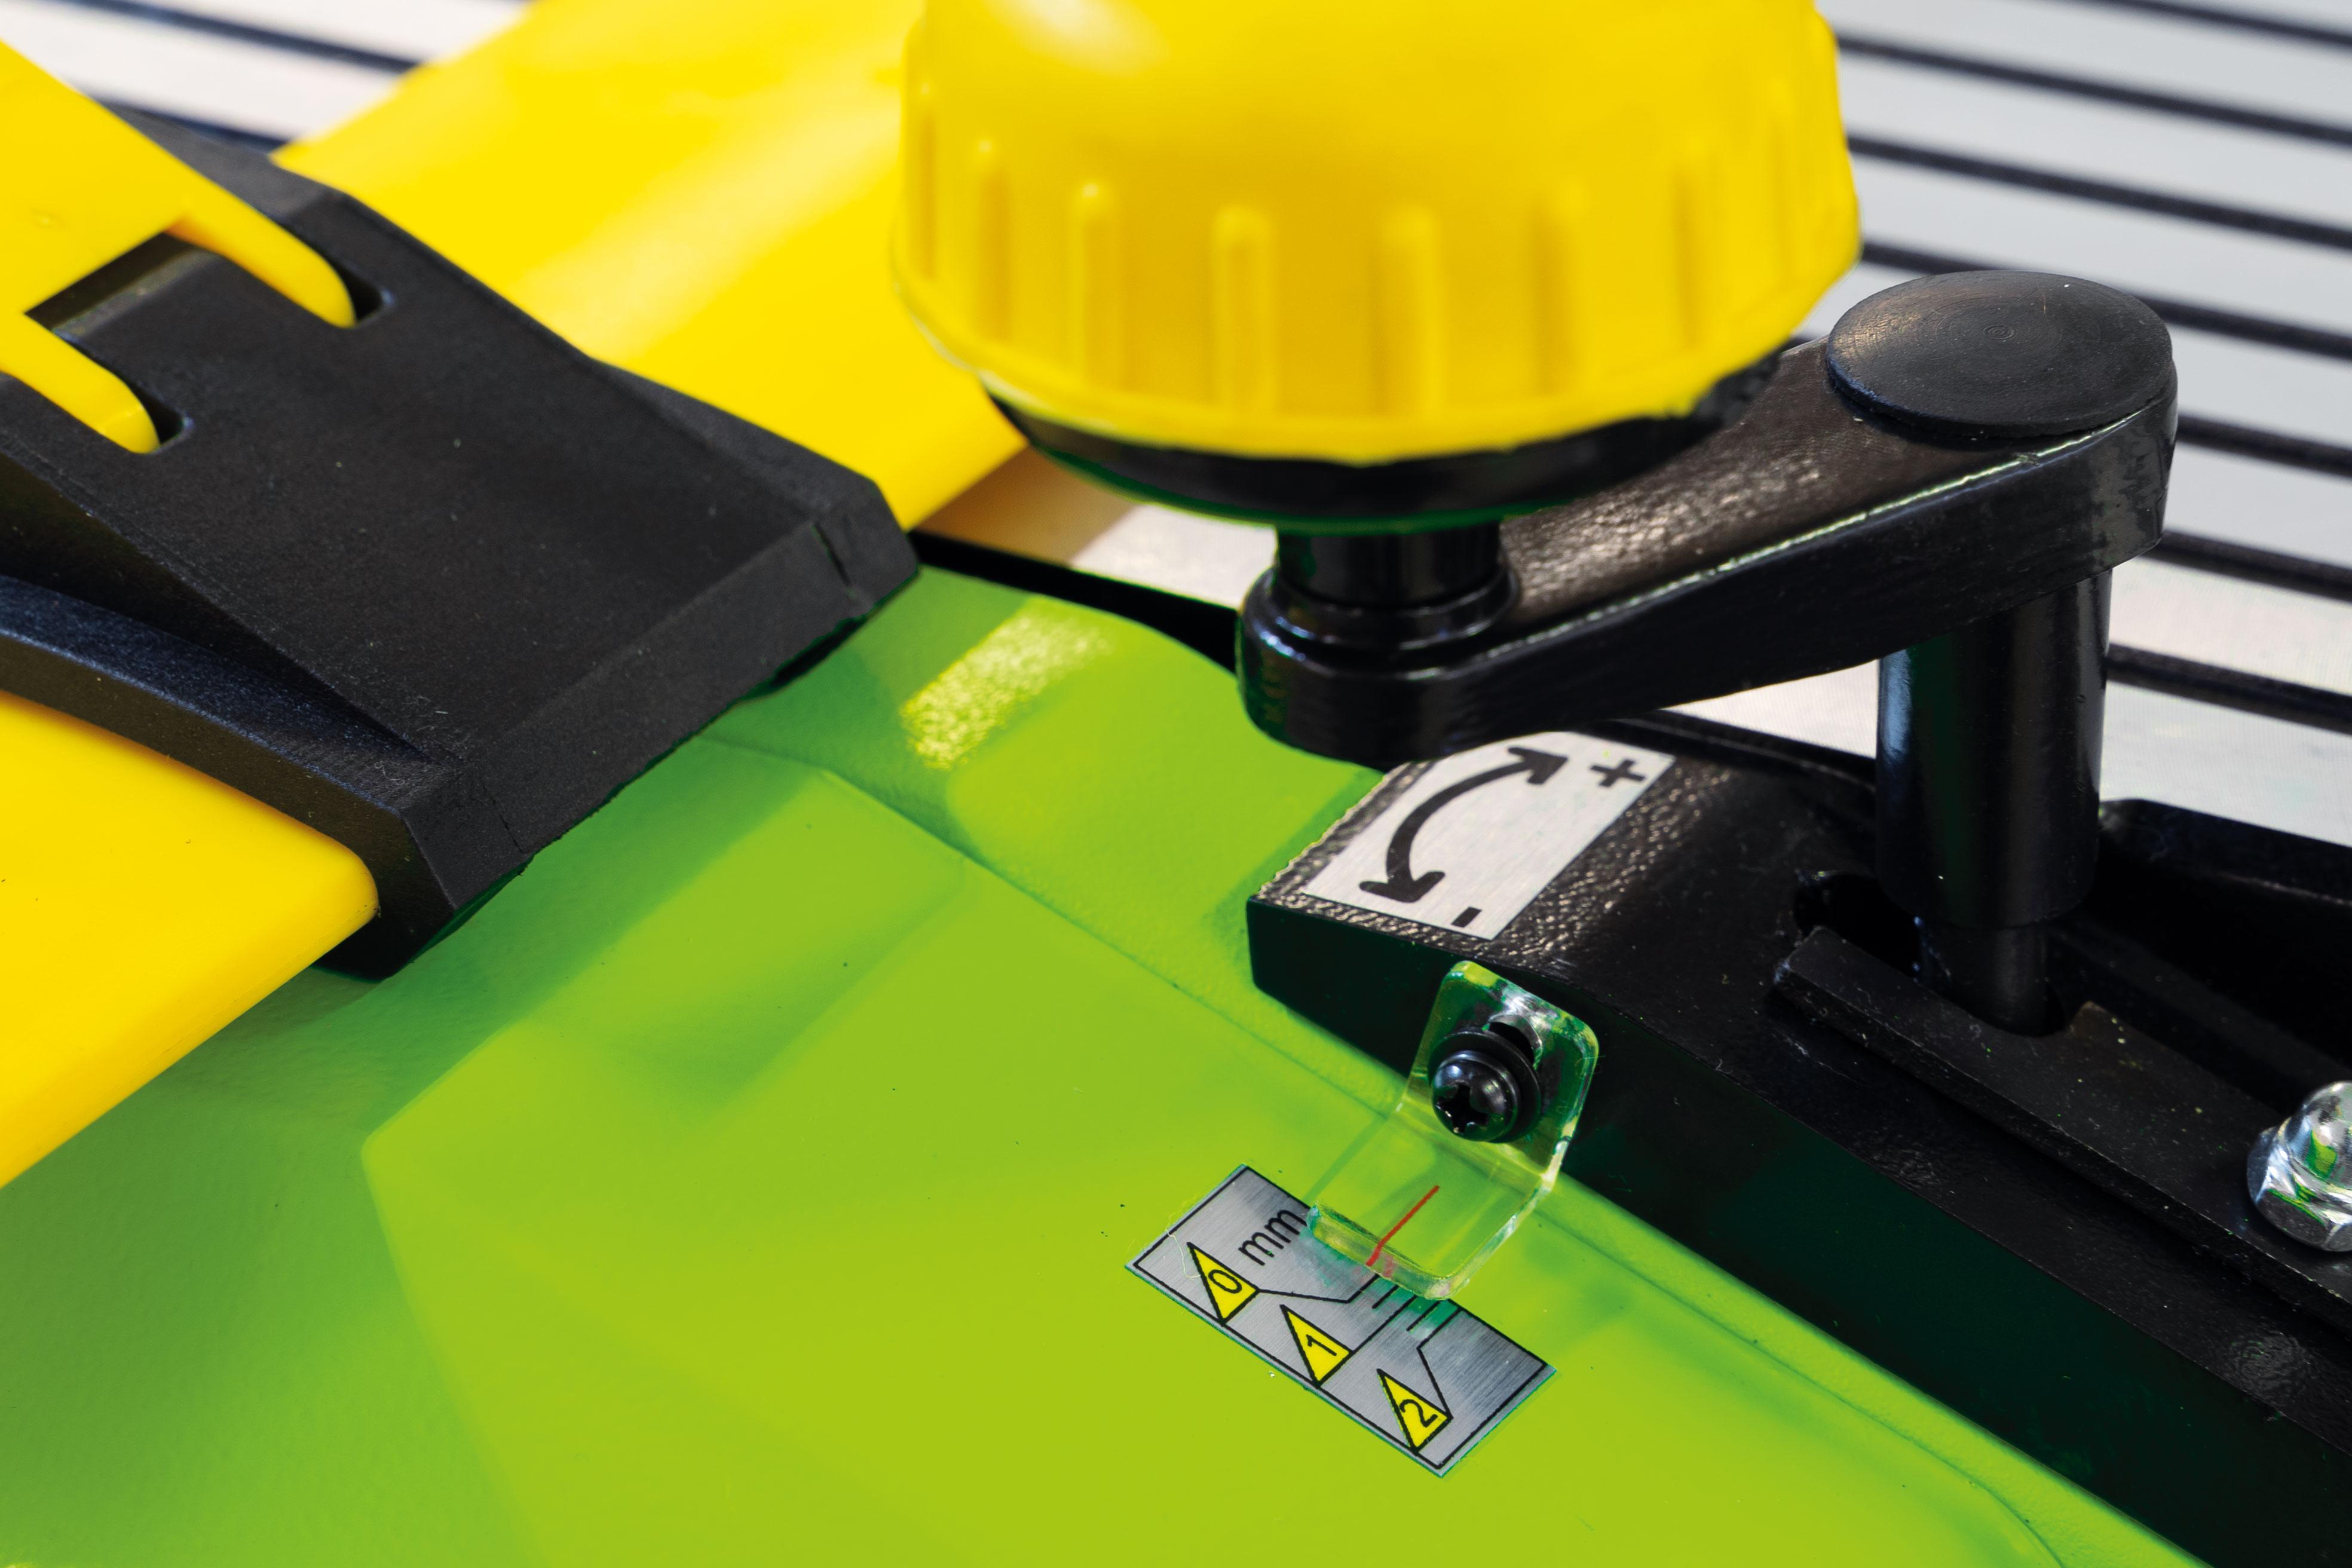 Srovnávací a tloušťkovací frézka Zipper ZI-HB305 -4